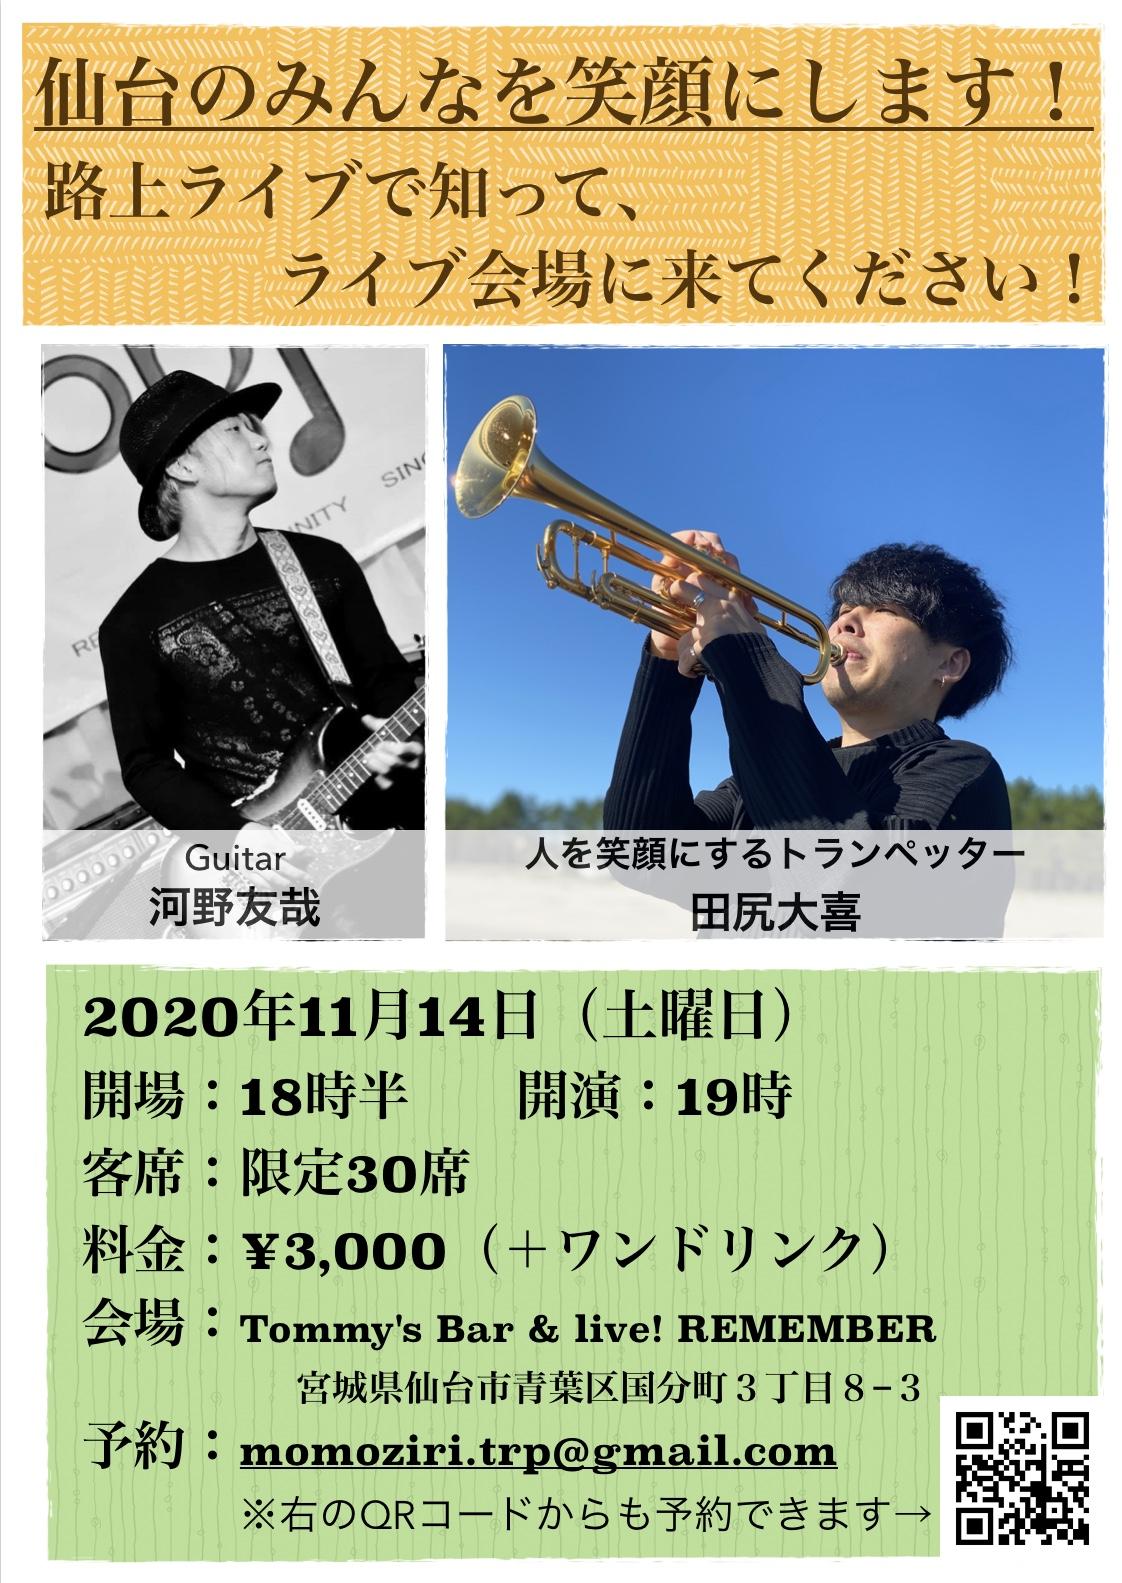 【開催延期】仙台のみんなを笑顔にします! Music For Smile in 仙台